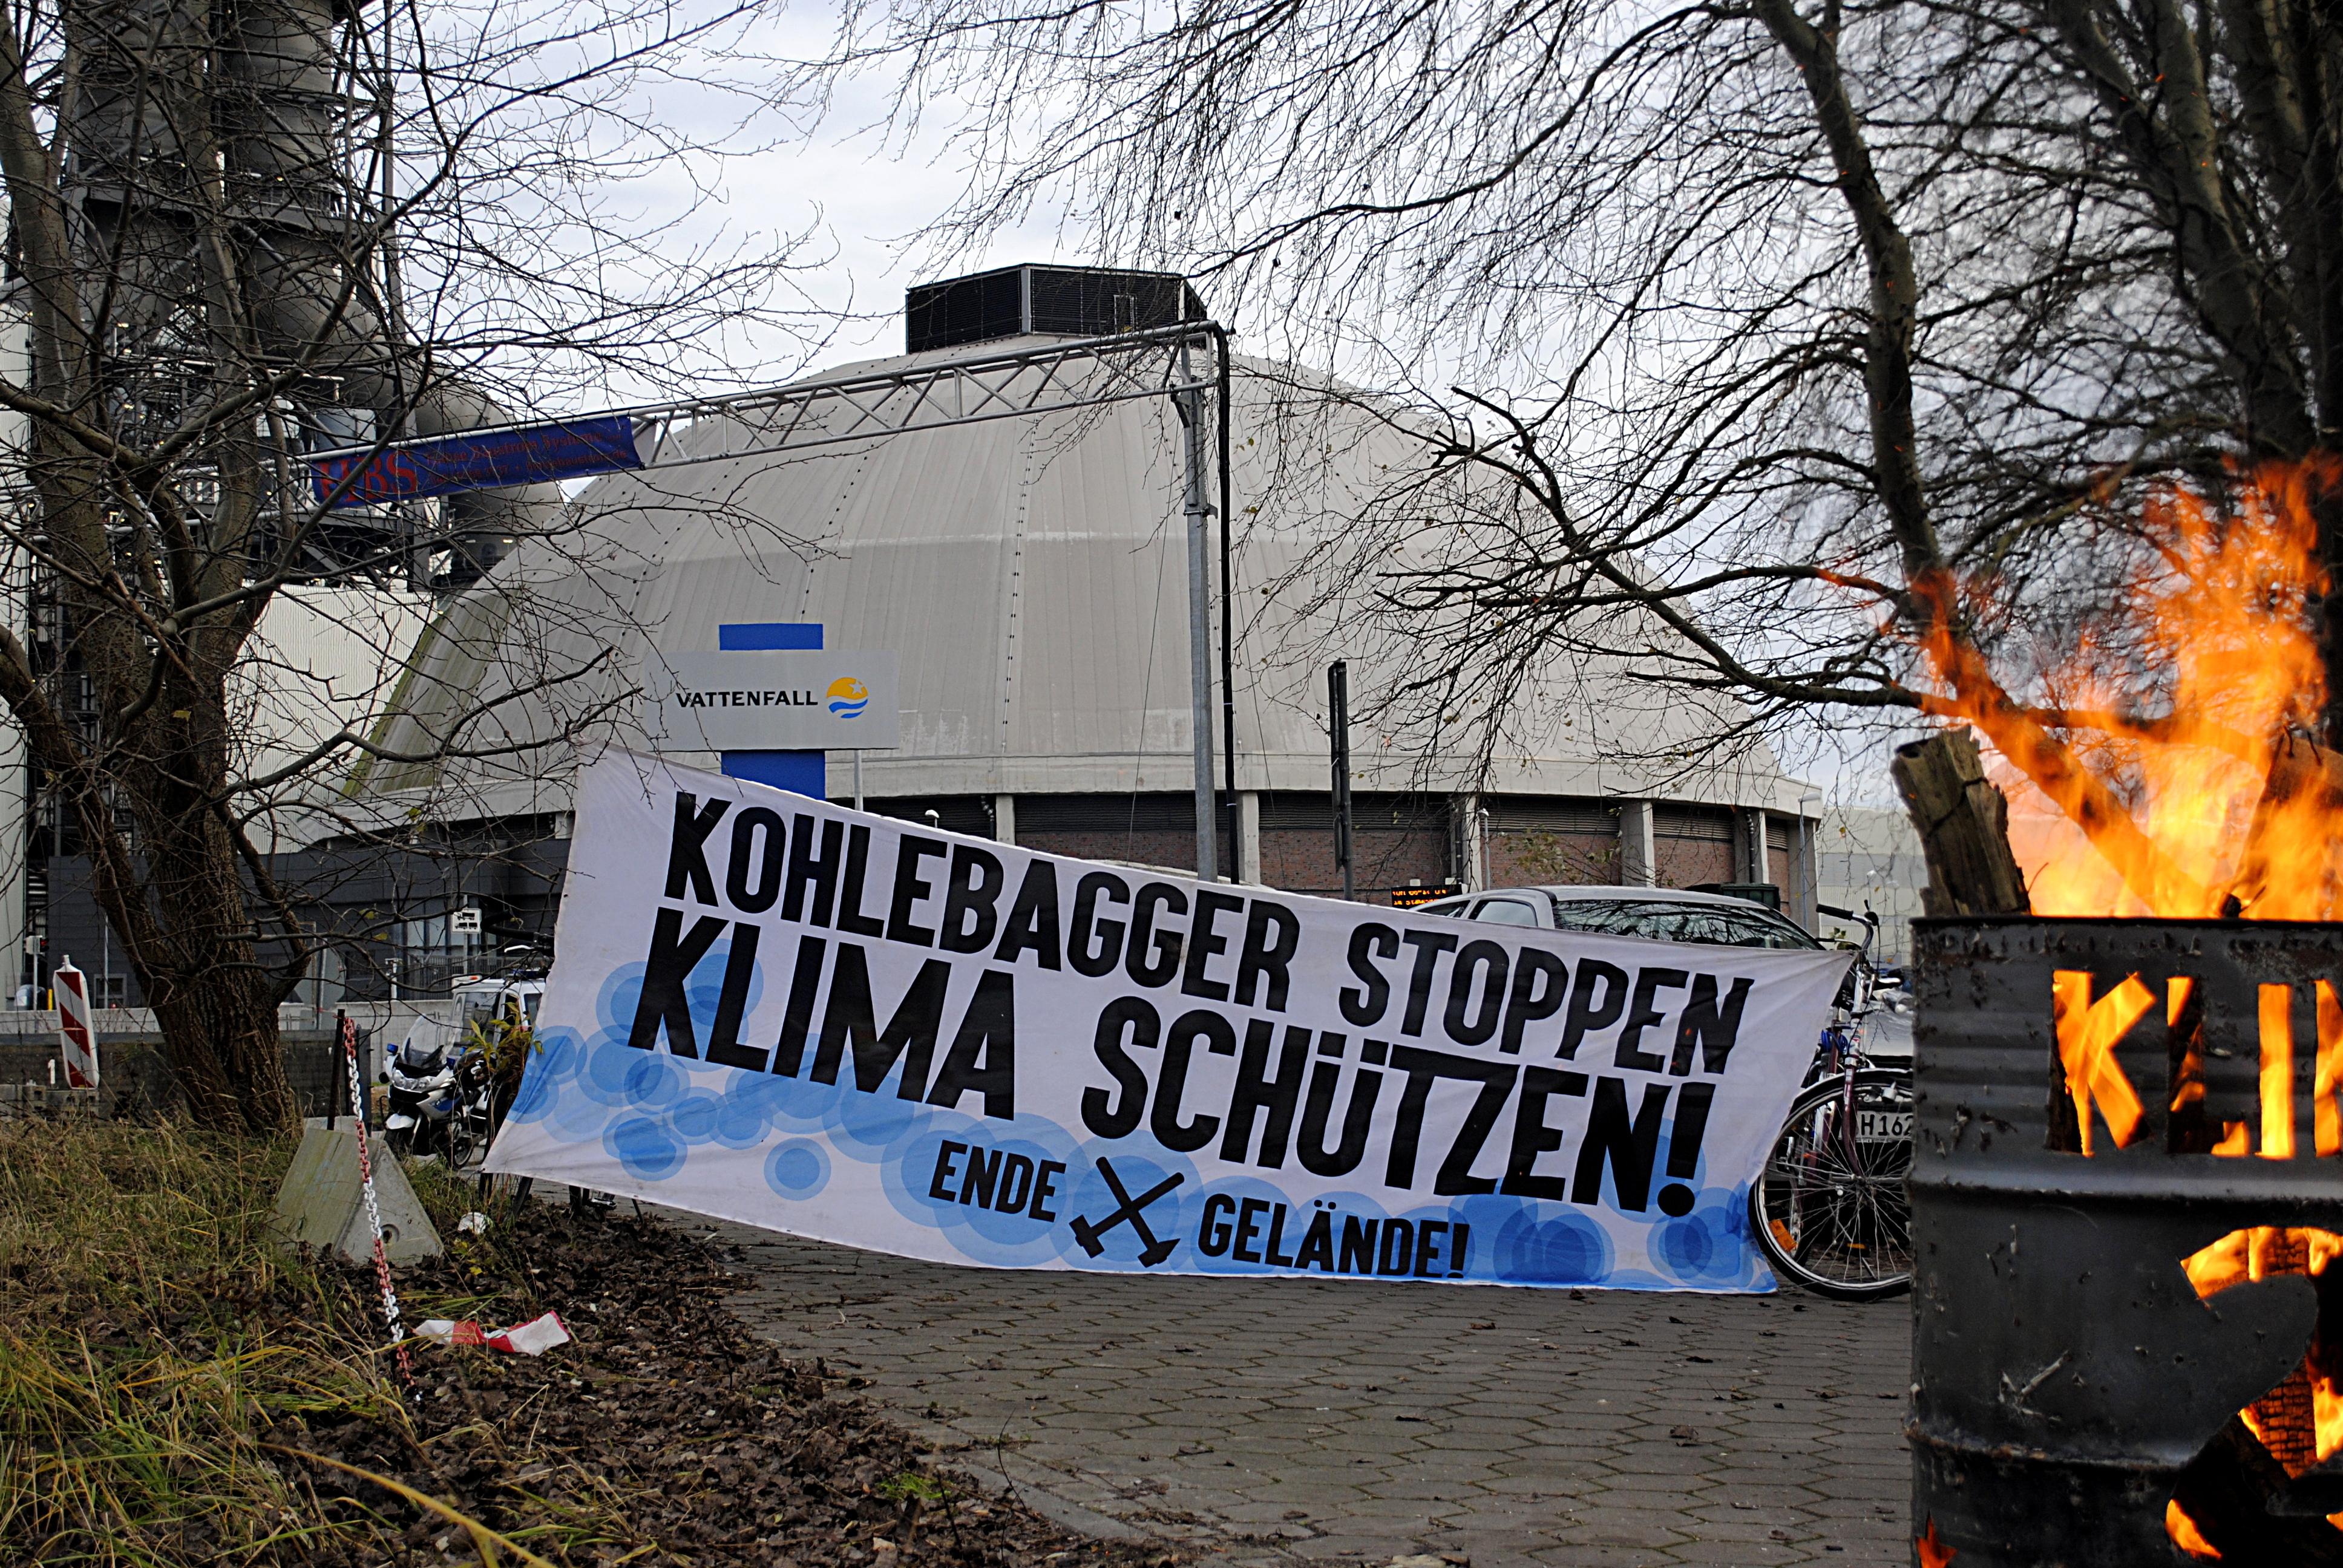 """Feuertonne mit Transparent im Hintergrund: """"Kohlebagger stoppen - Klima schützen! Ende Gelände"""""""